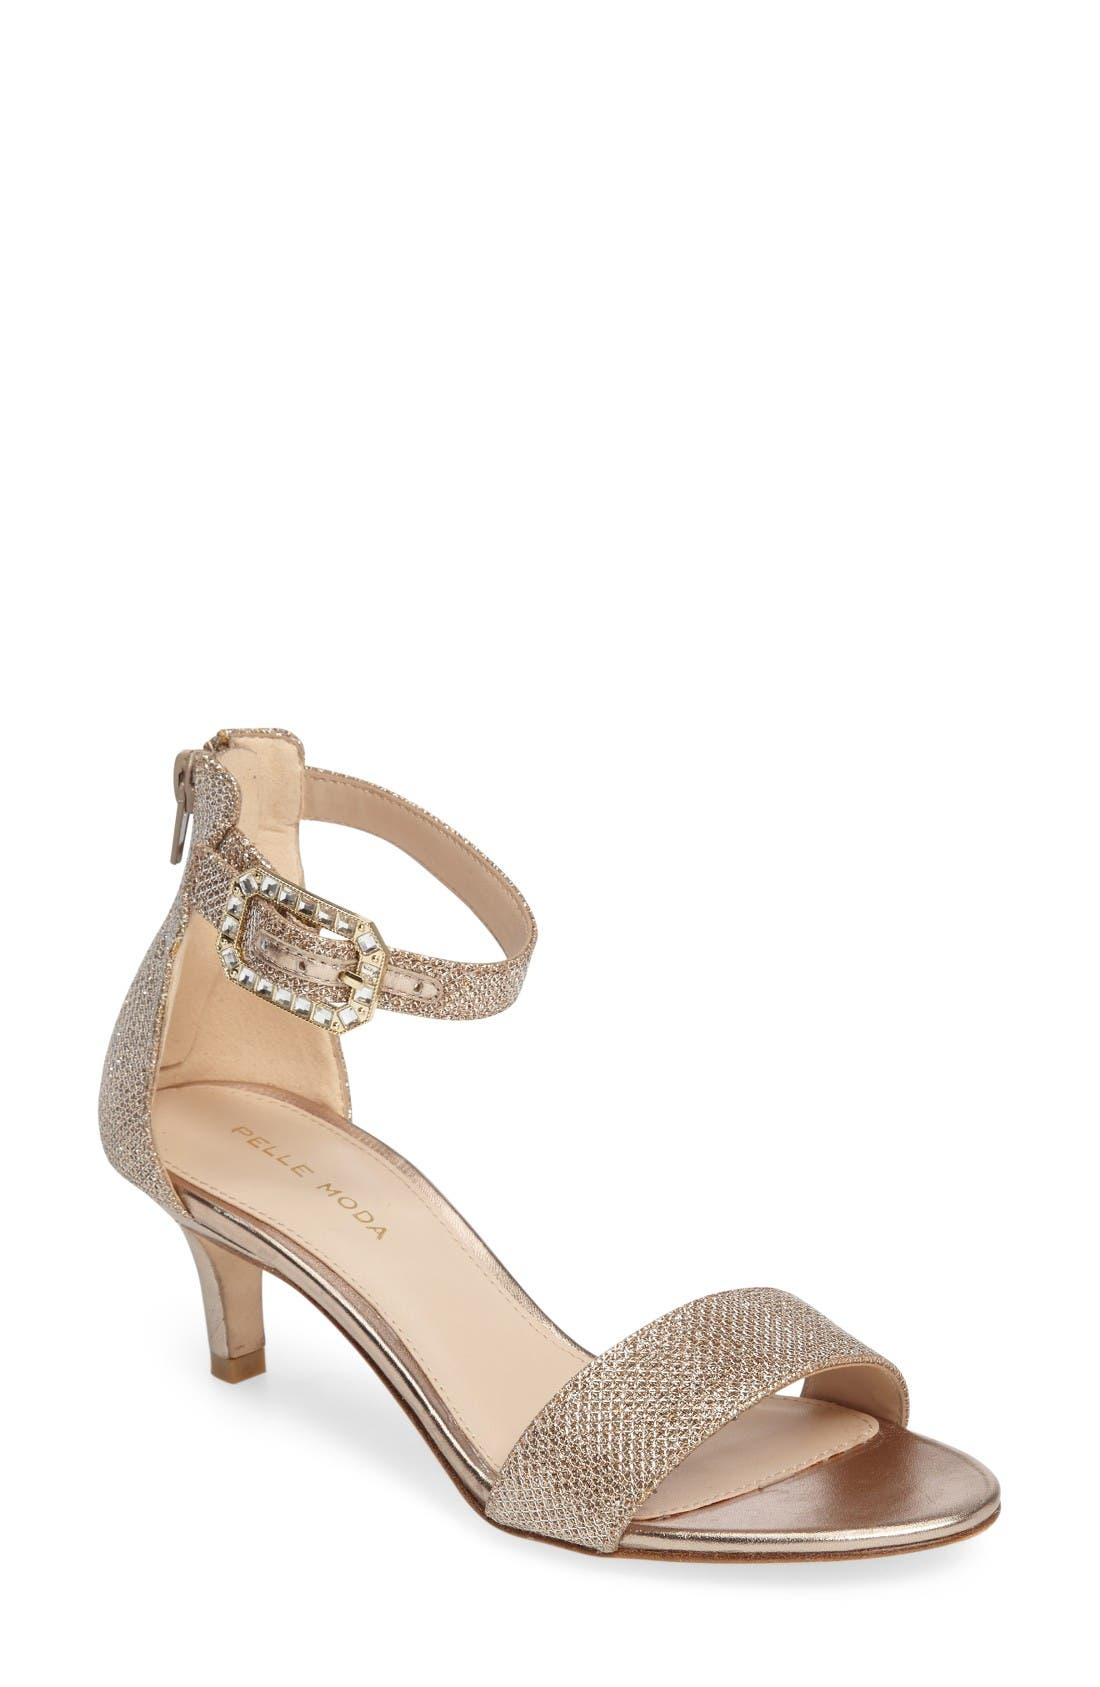 PELLE MODA Bette Ankle Strap Sandal